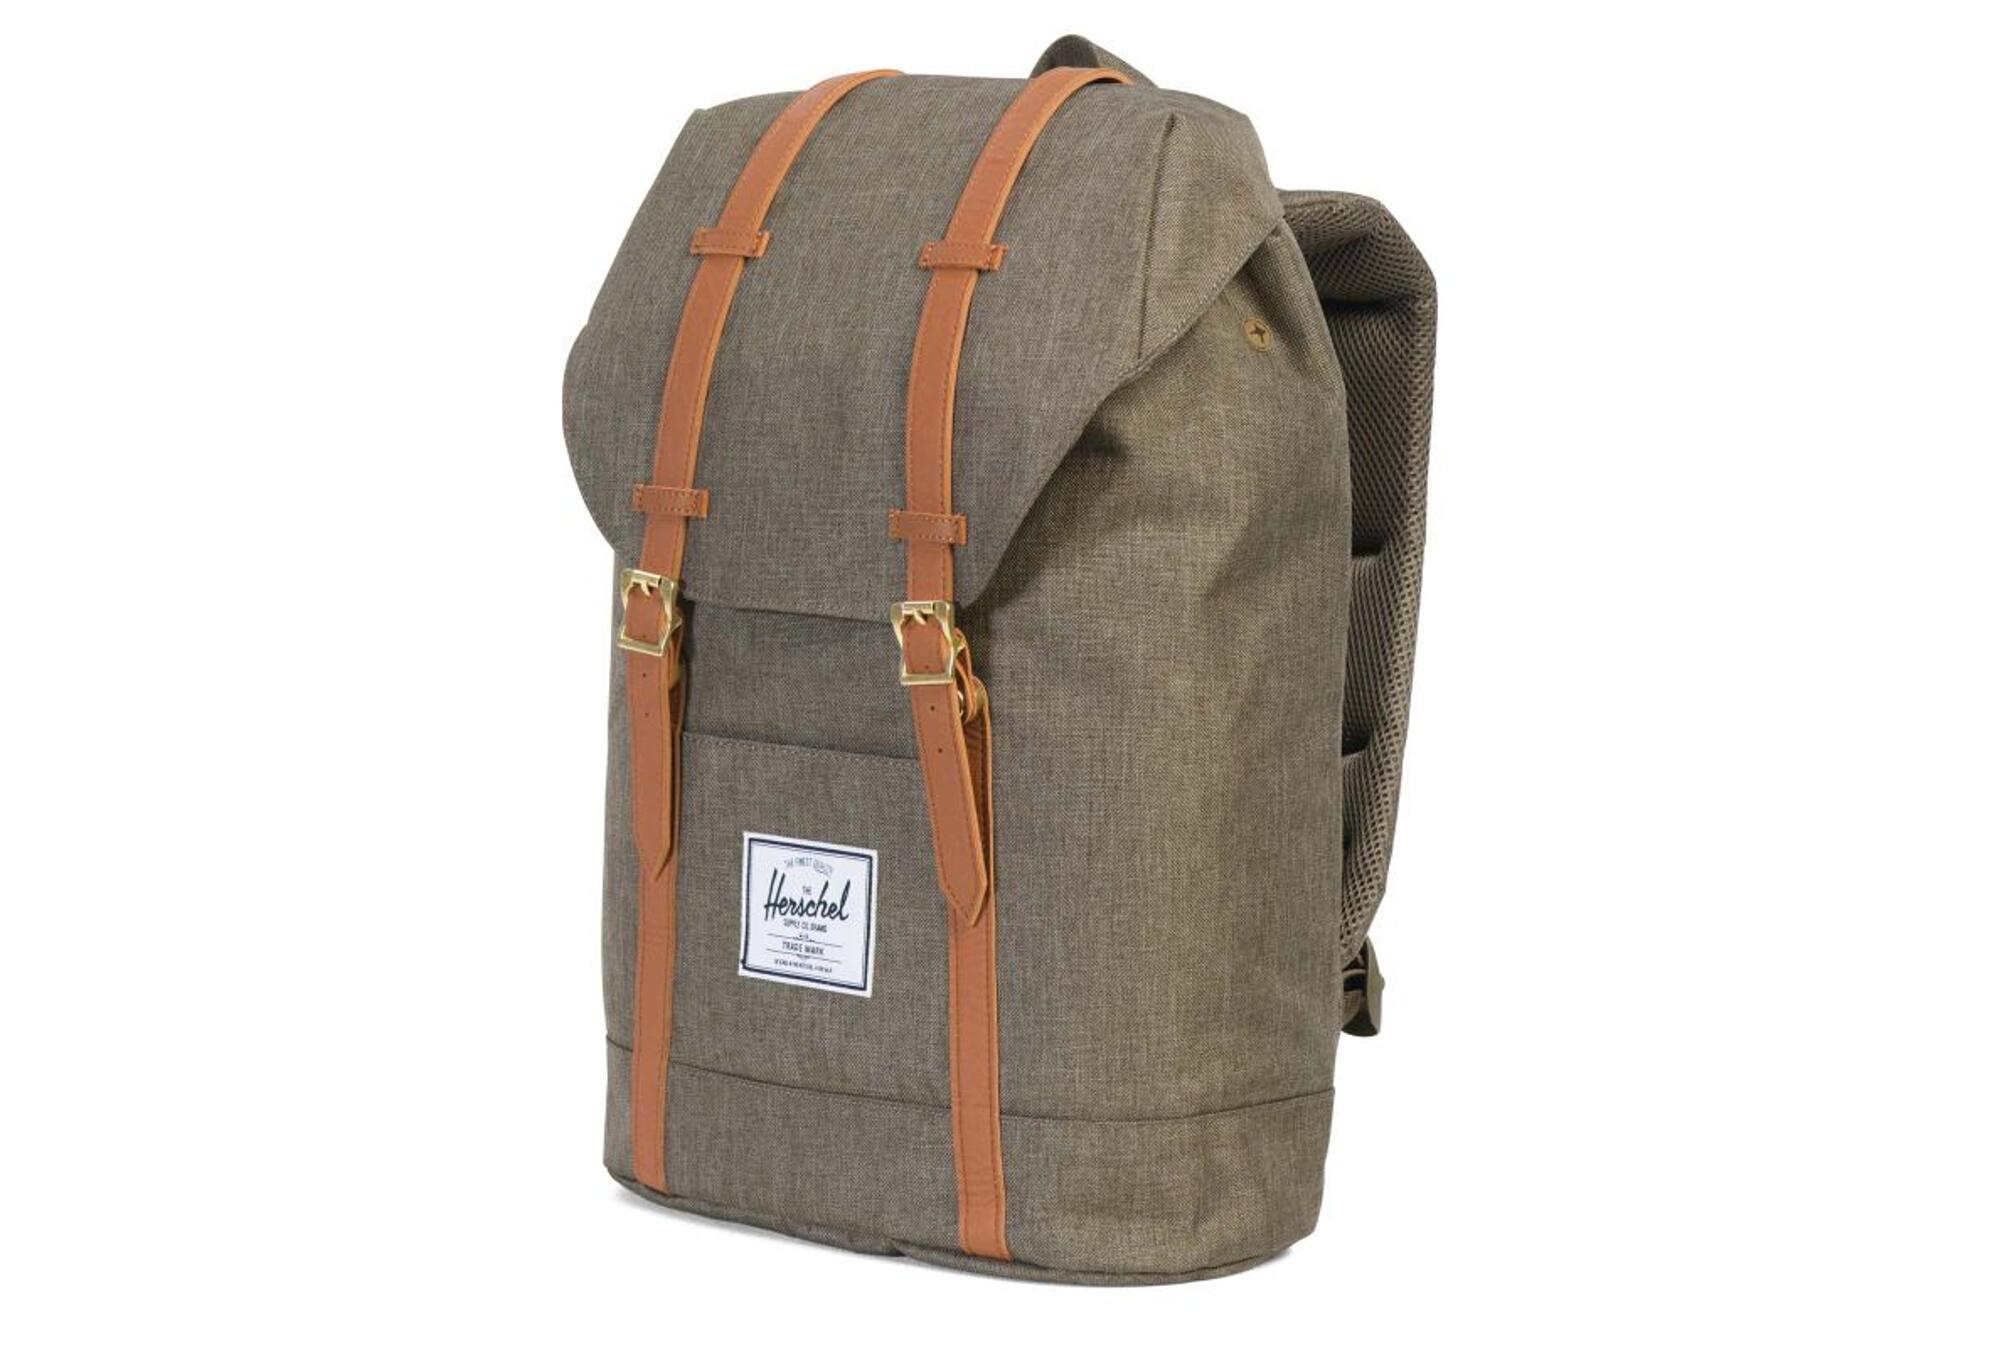 9f9b4516d1 HERSCHEL Retreat Backpack 19.5L Canteen Crosshatch